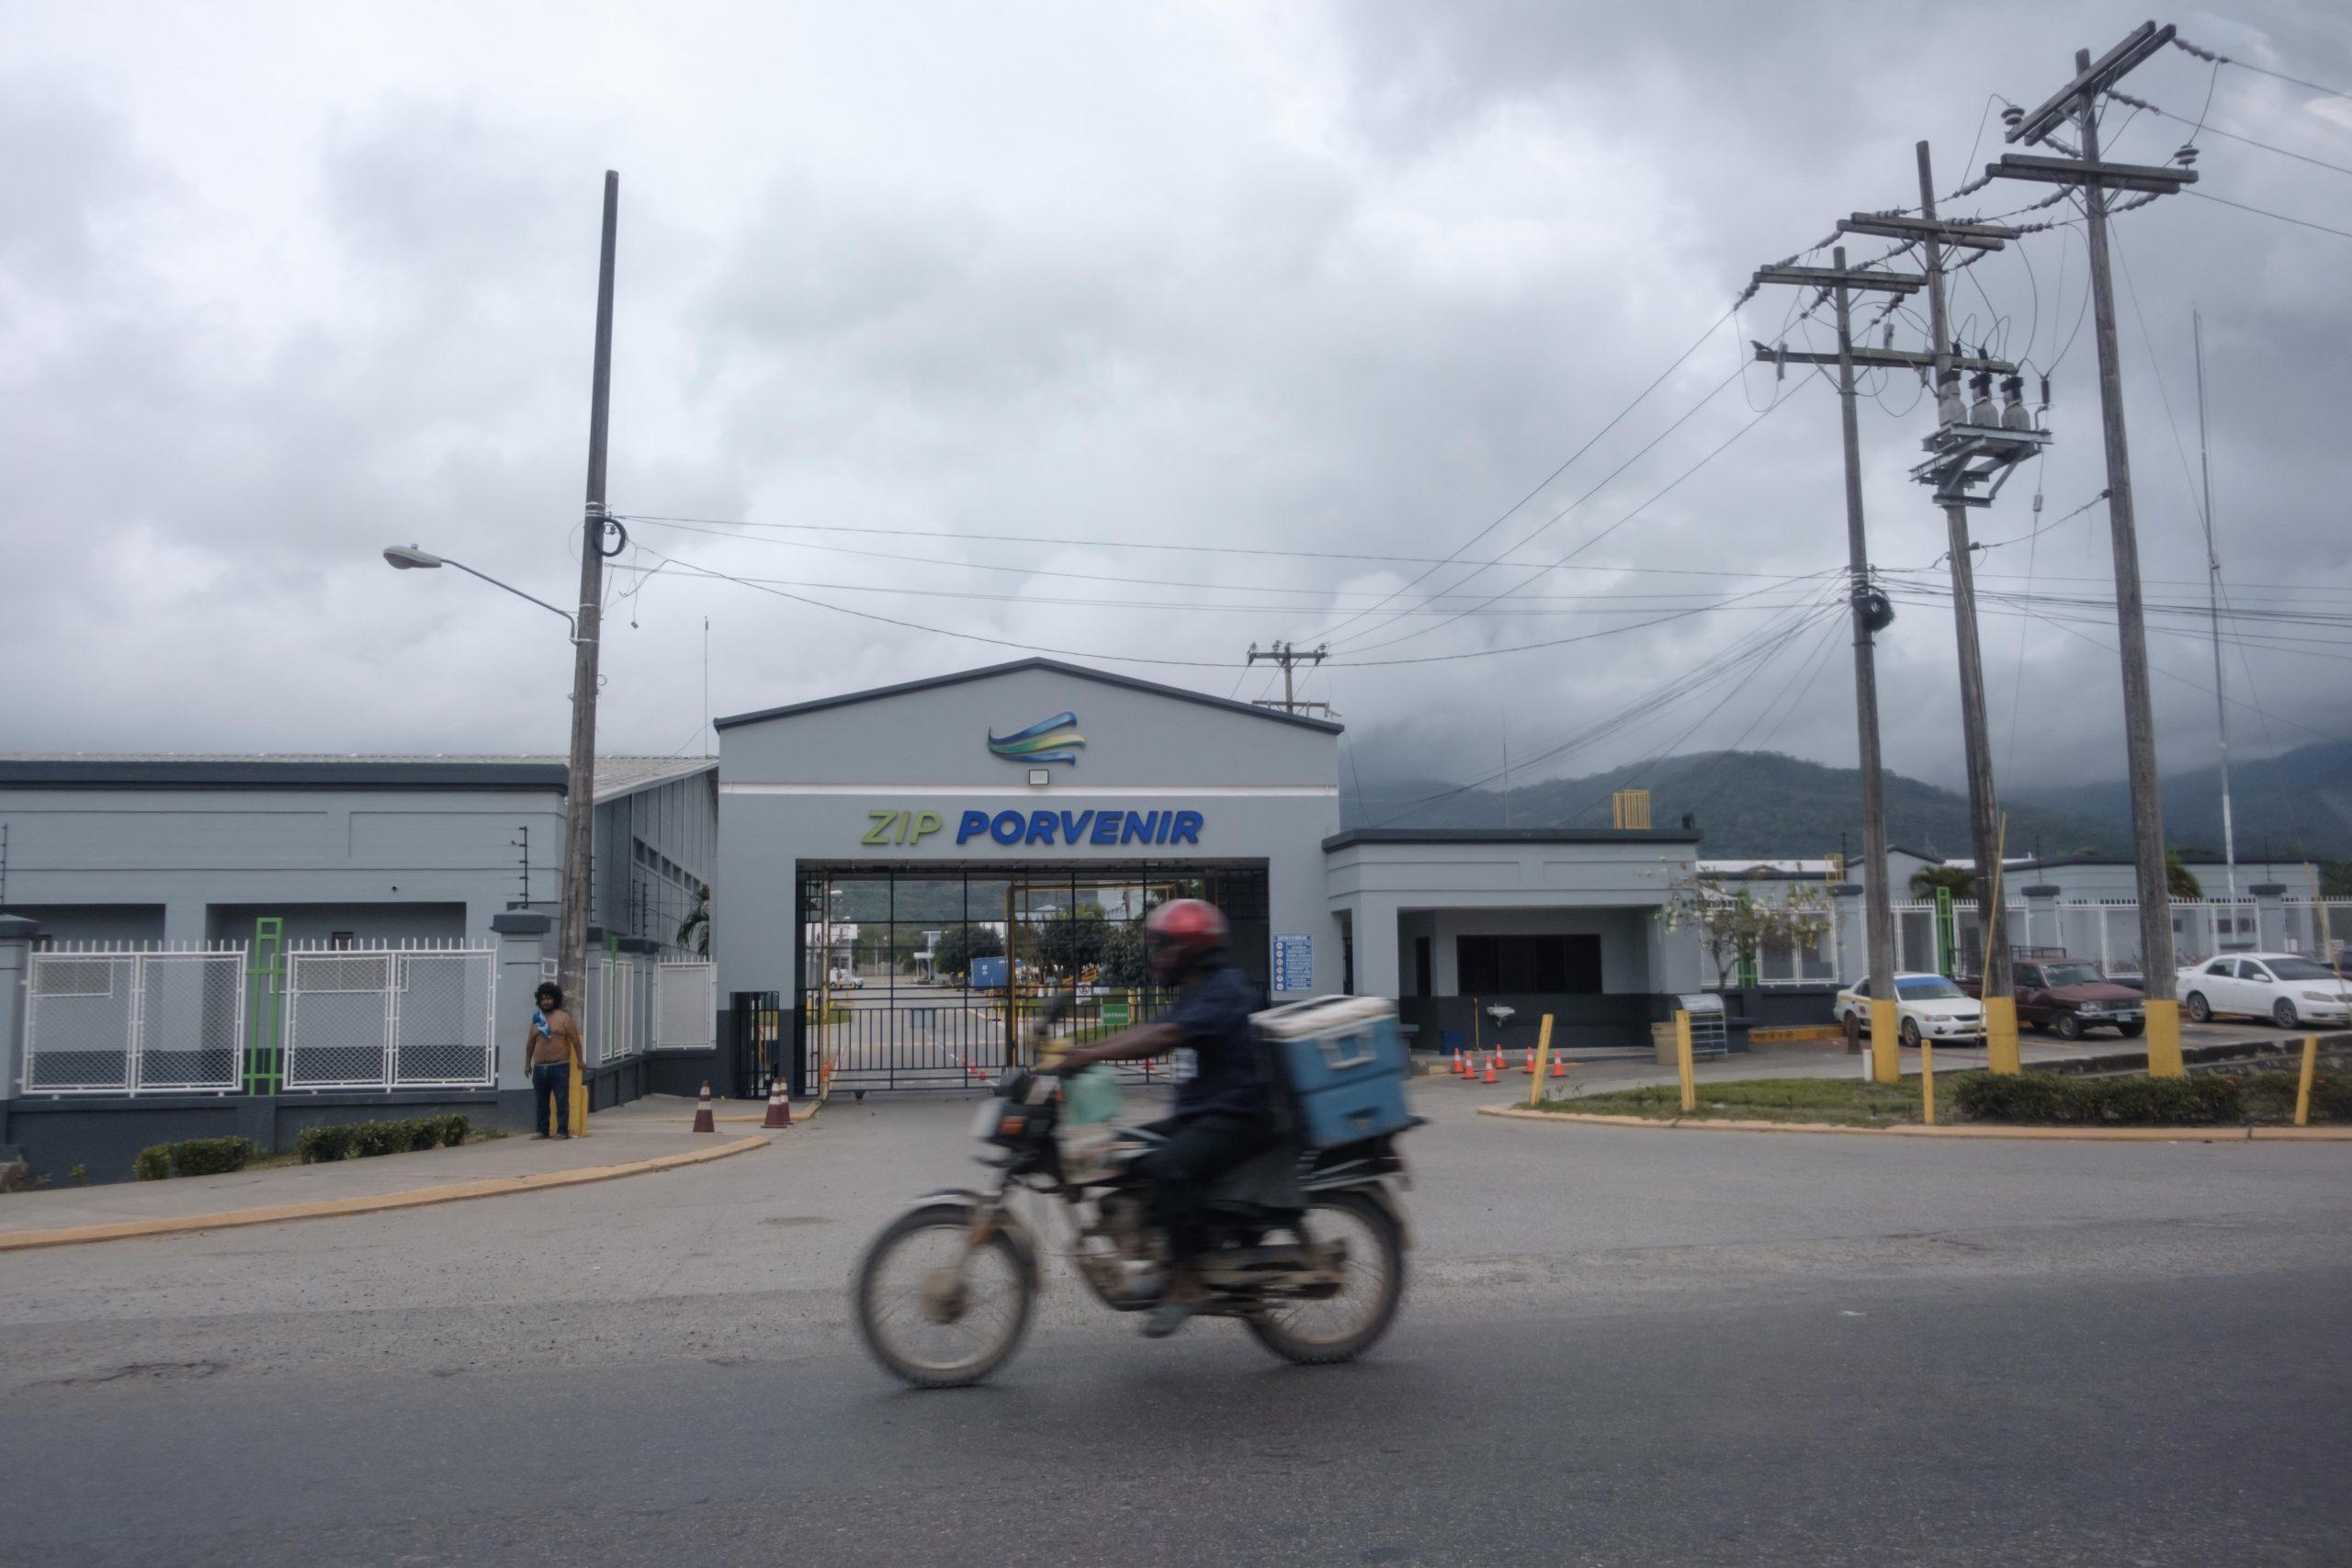 Parque industrial Zip Porvenir ubicado en la parte norte del municipio de El Progreso.